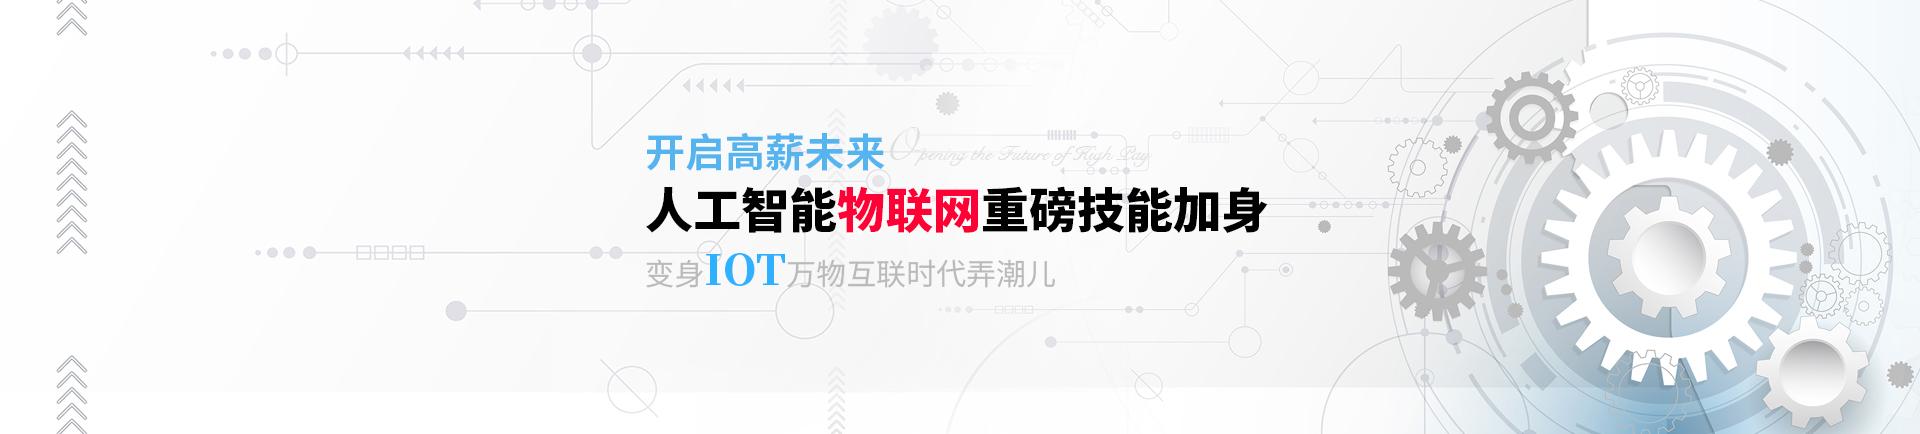 人工智能物�网�磅技能加身 �身IOT万物互�时代弄潮儿-shenzhen